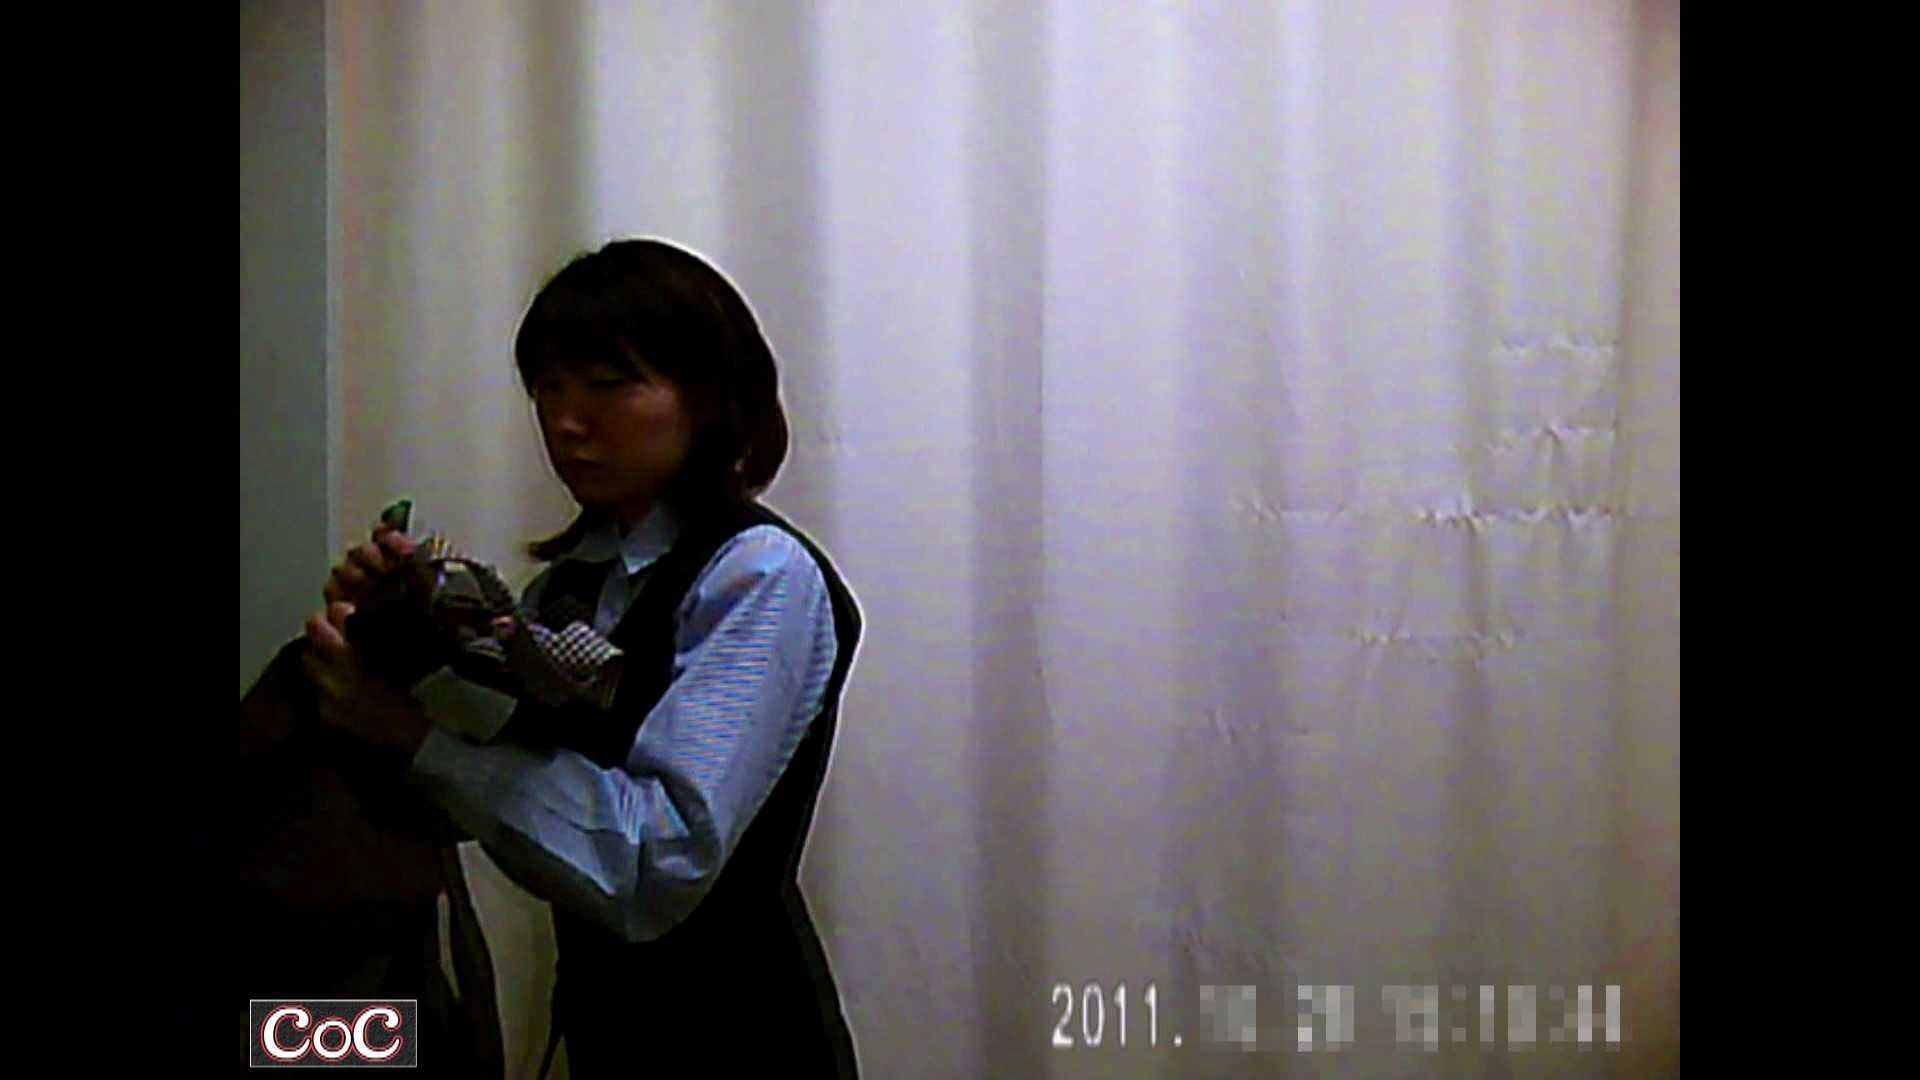 病院おもいっきり着替え! vol.75 おっぱい特集 オマンコ無修正動画無料 84pic 18